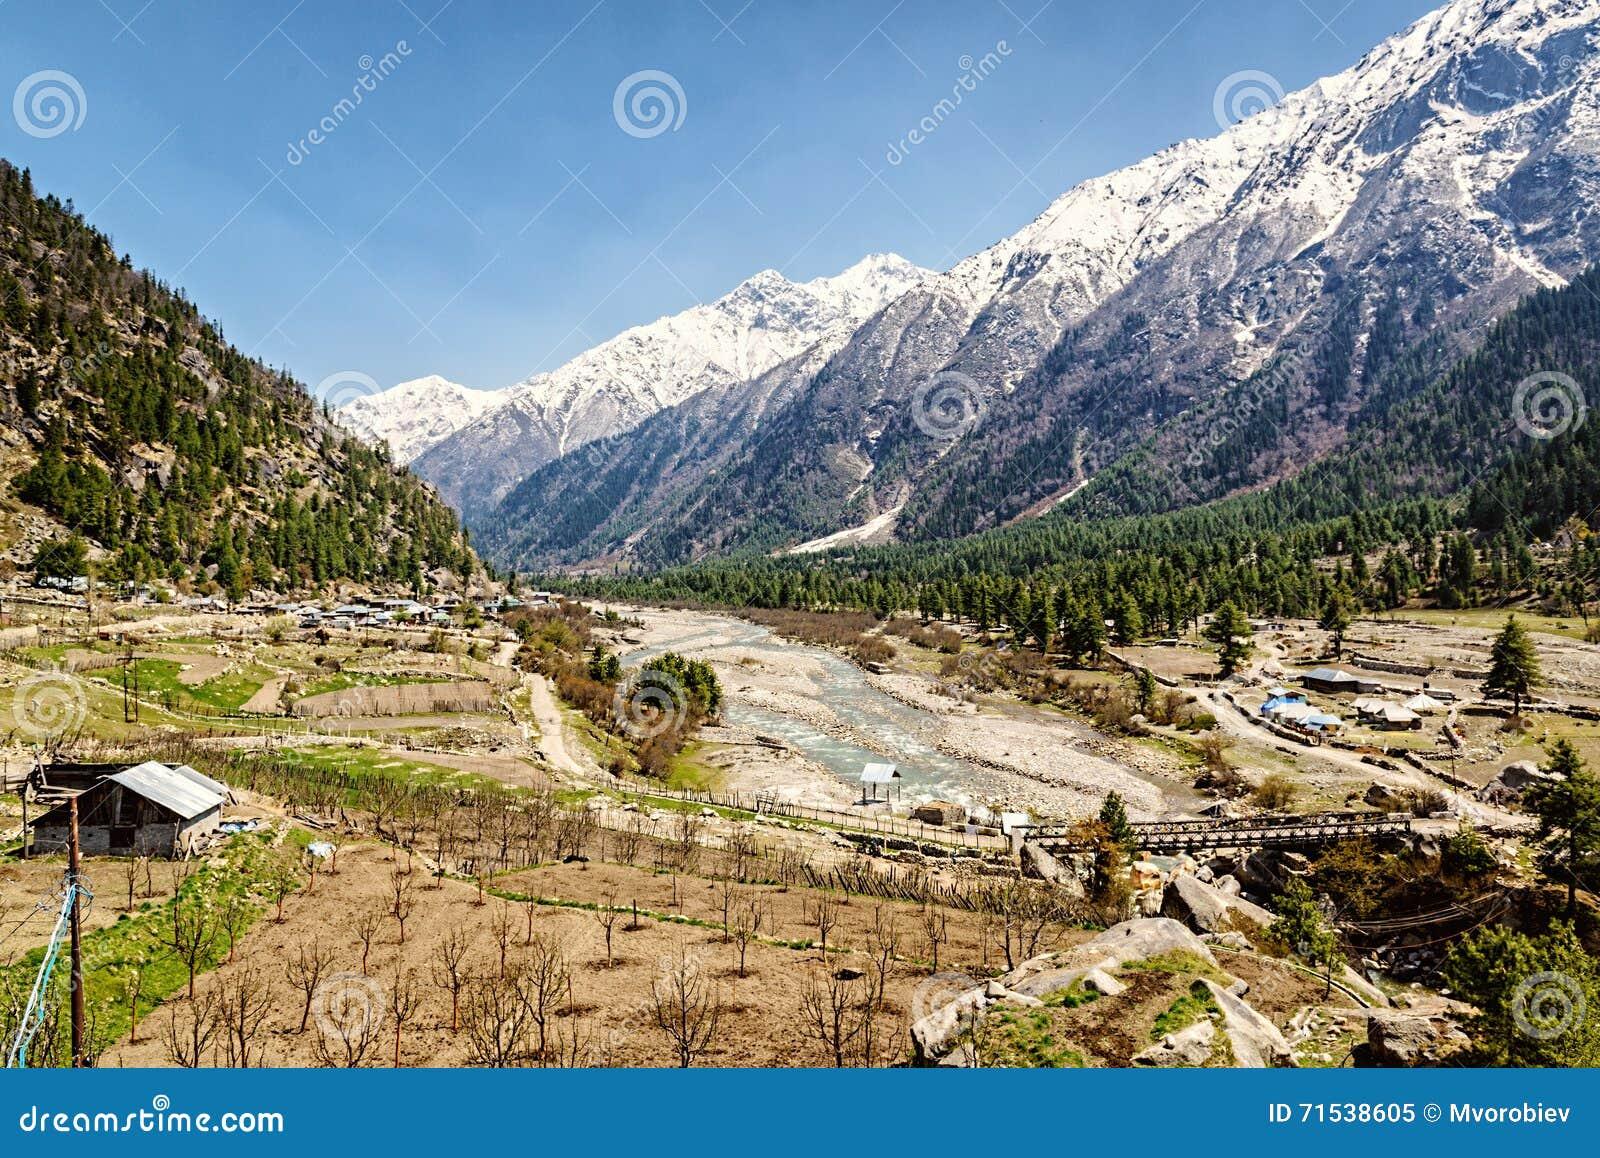 Vue de vallée en Himalaya avec la rivière et le pont en bois Sangla